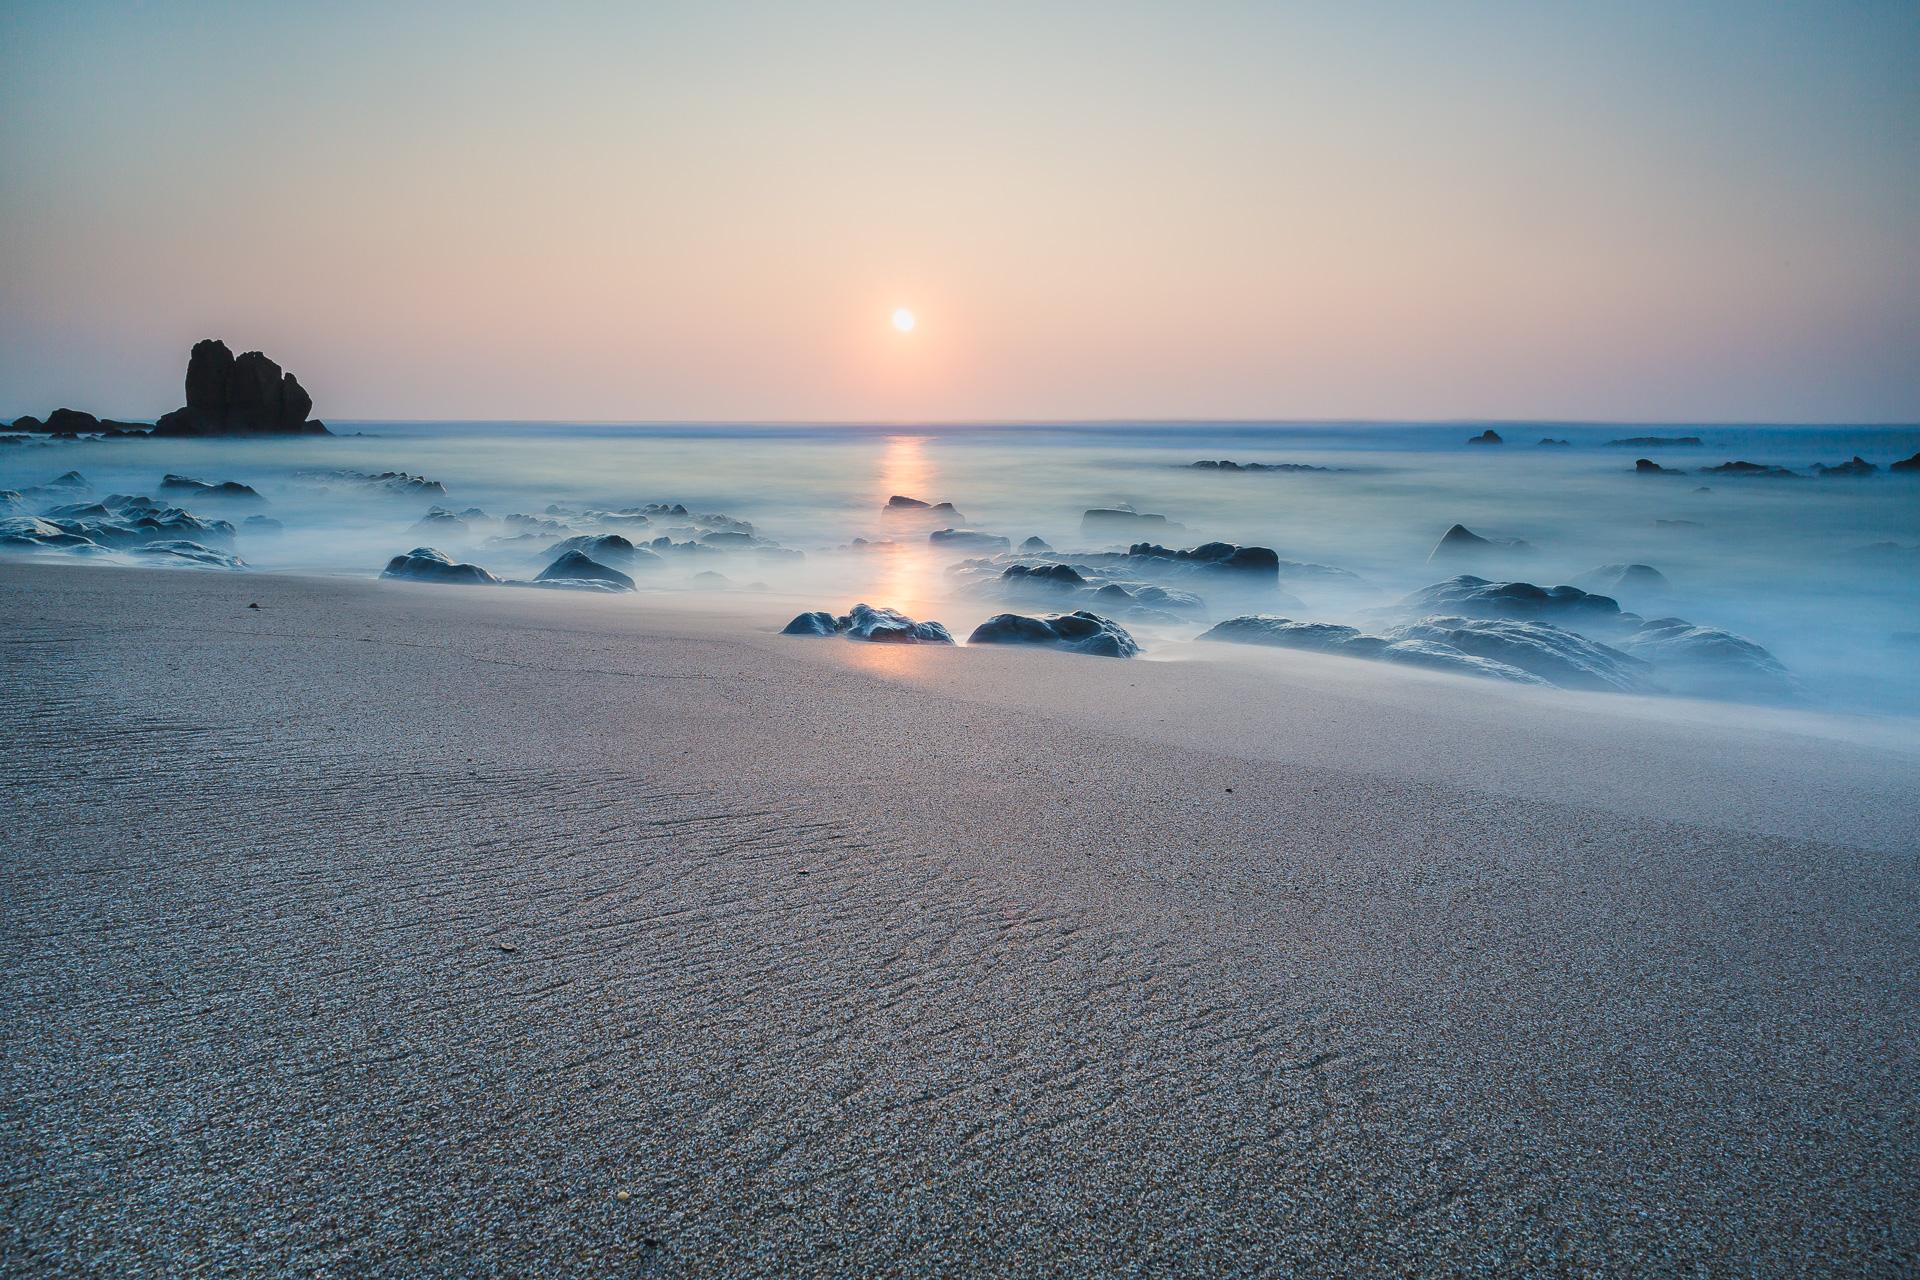 Damien-Dohmen-photographe-Ocean-2